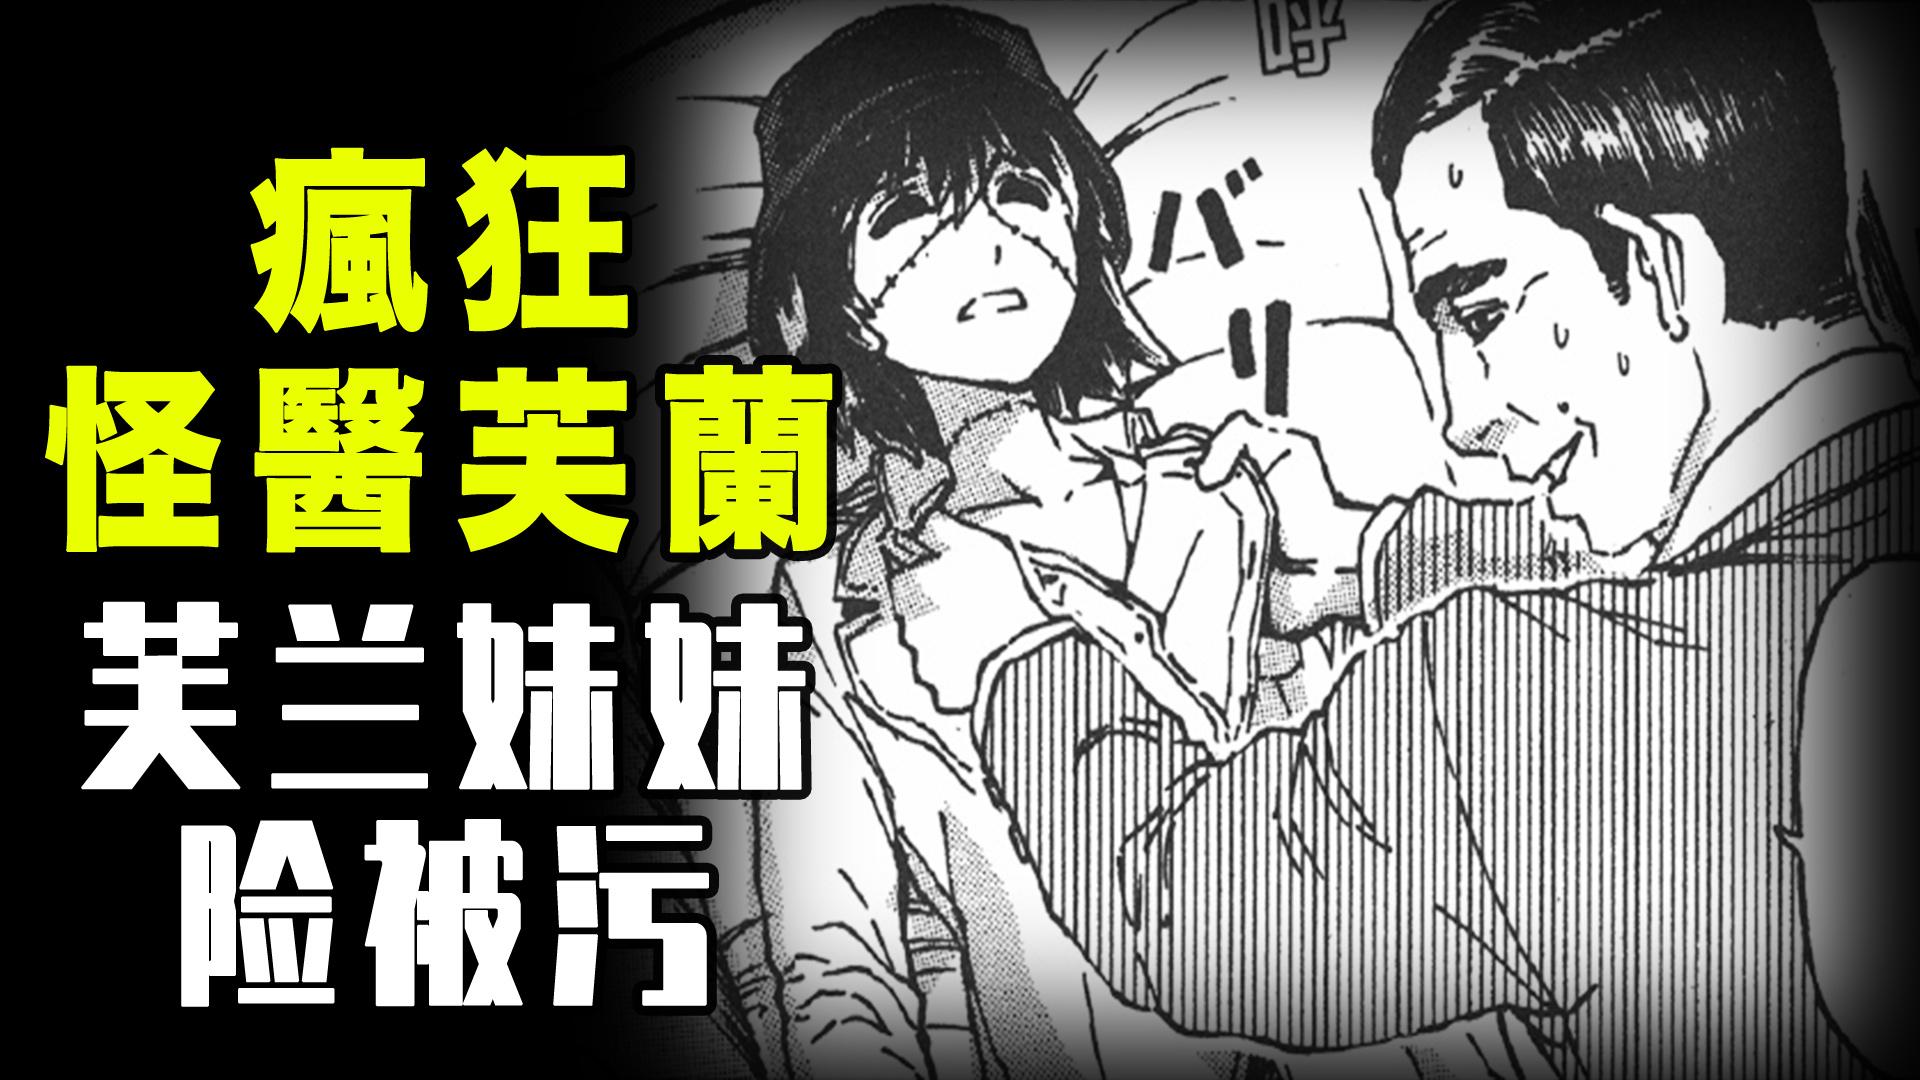 【疯狂怪医芙兰·妹妹风波】小芙兰的妹妹差点被人馋了身子!